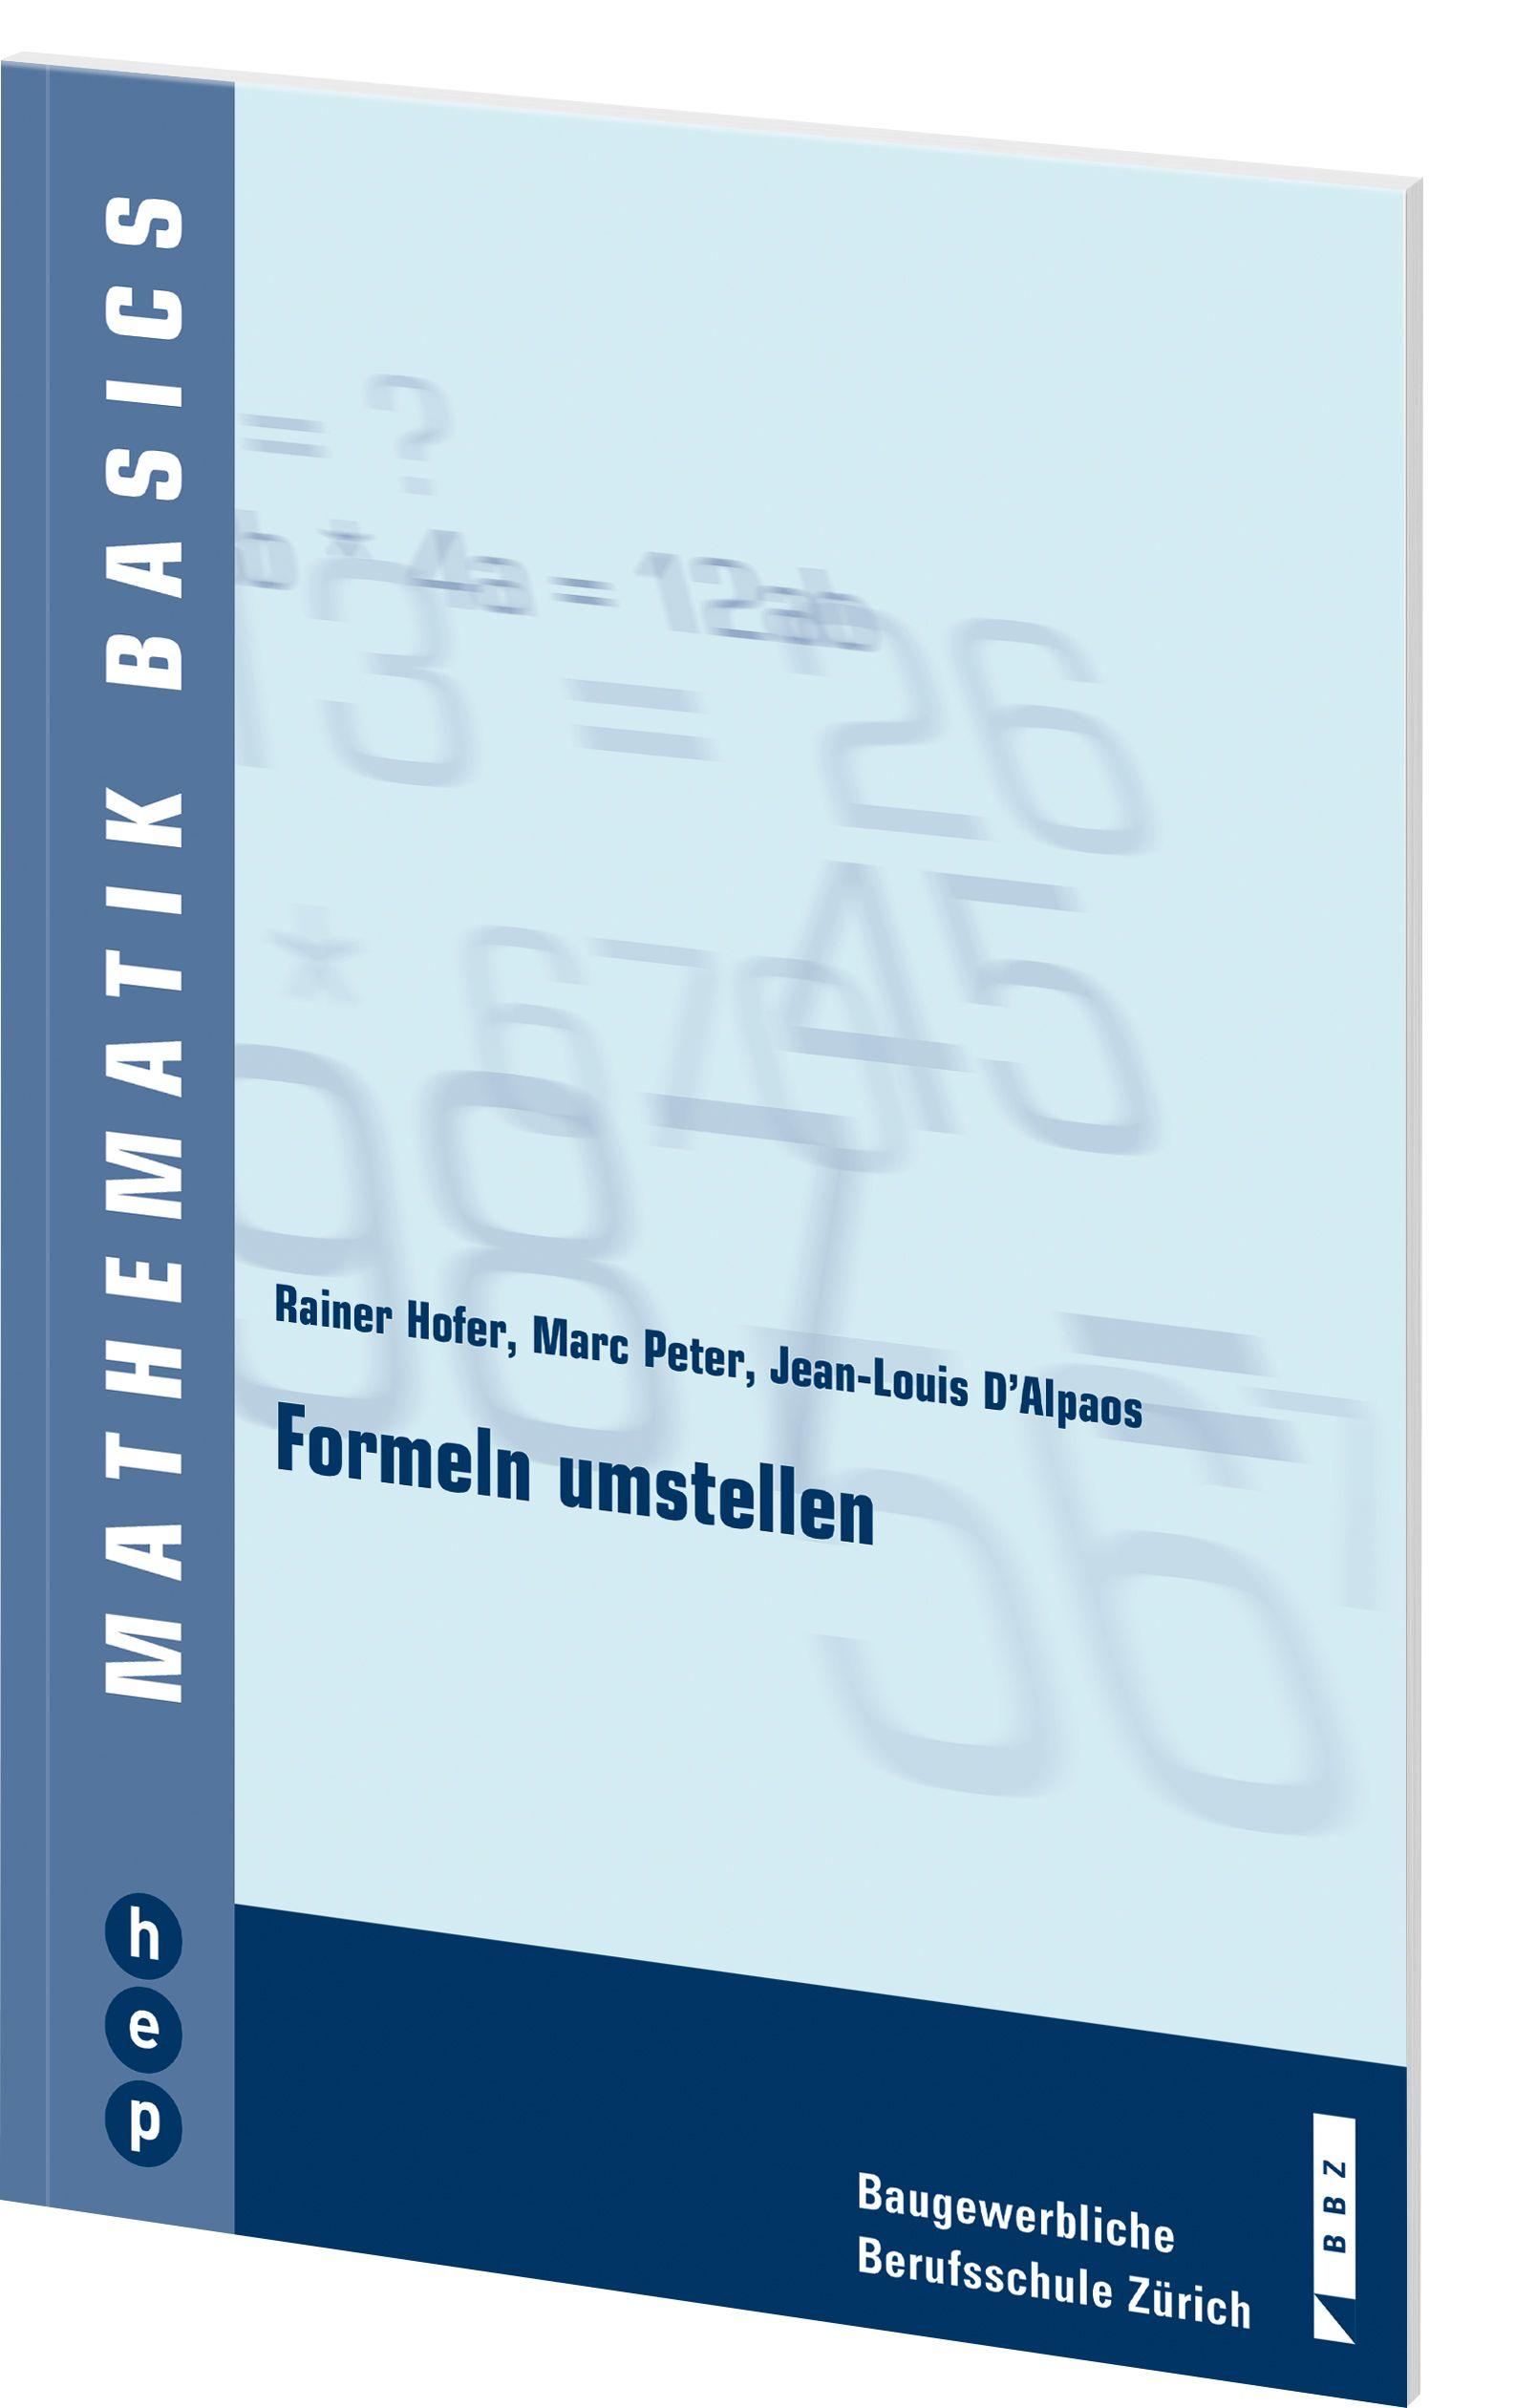 Formeln umstellen von D\'Alpaos, Jean-Louis, Hofer, Rainer, Peter, Marc